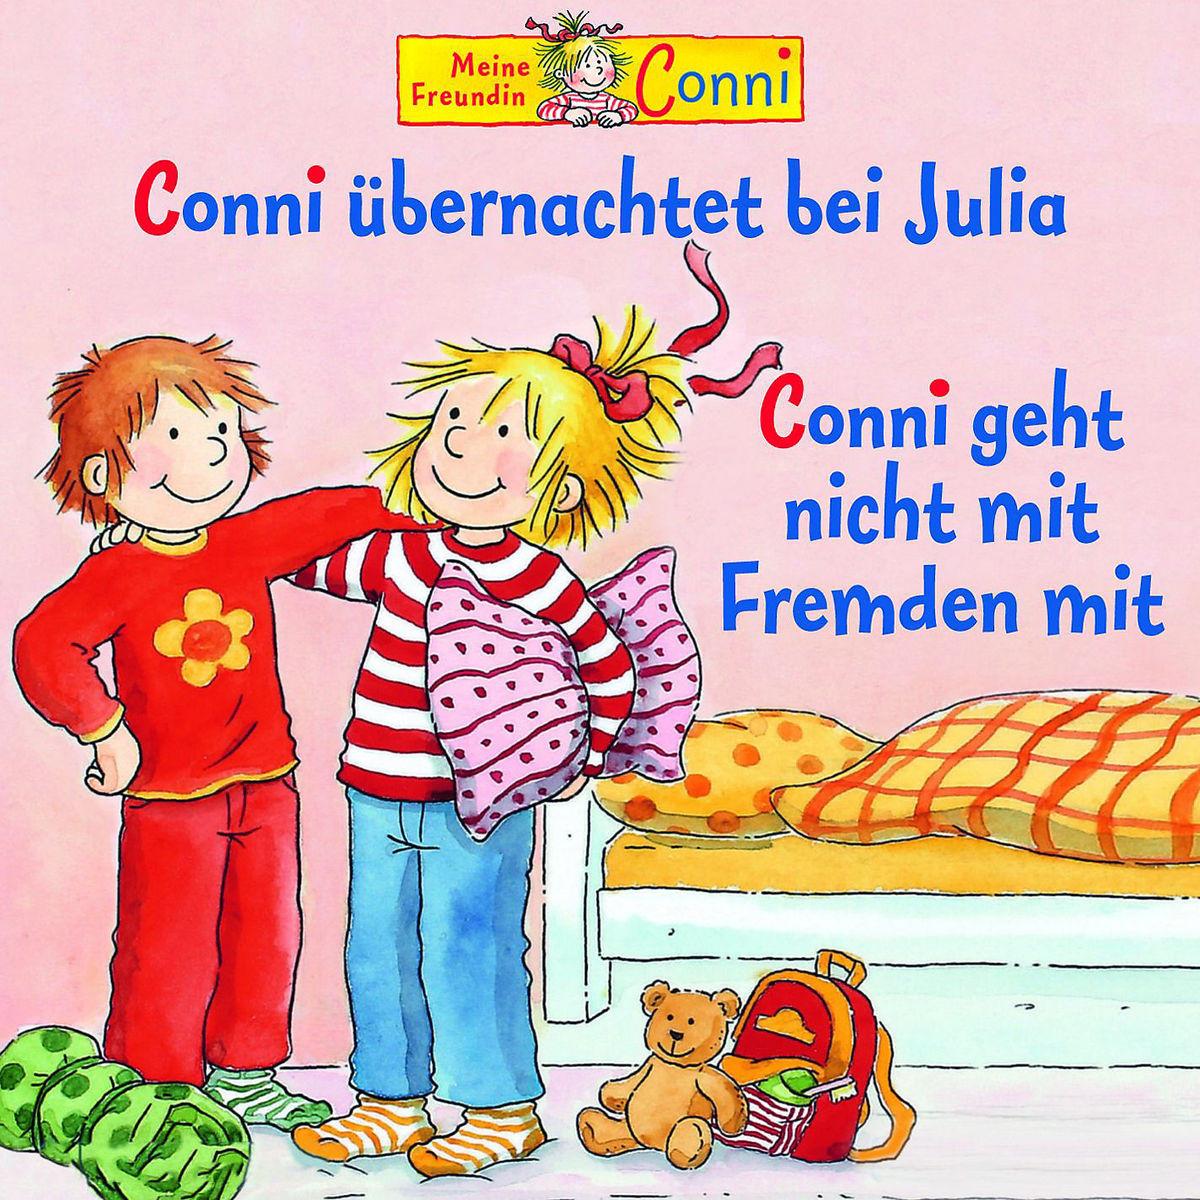 Conni - 37 - übernachtet bei Julia / geht nicht mit Fremden